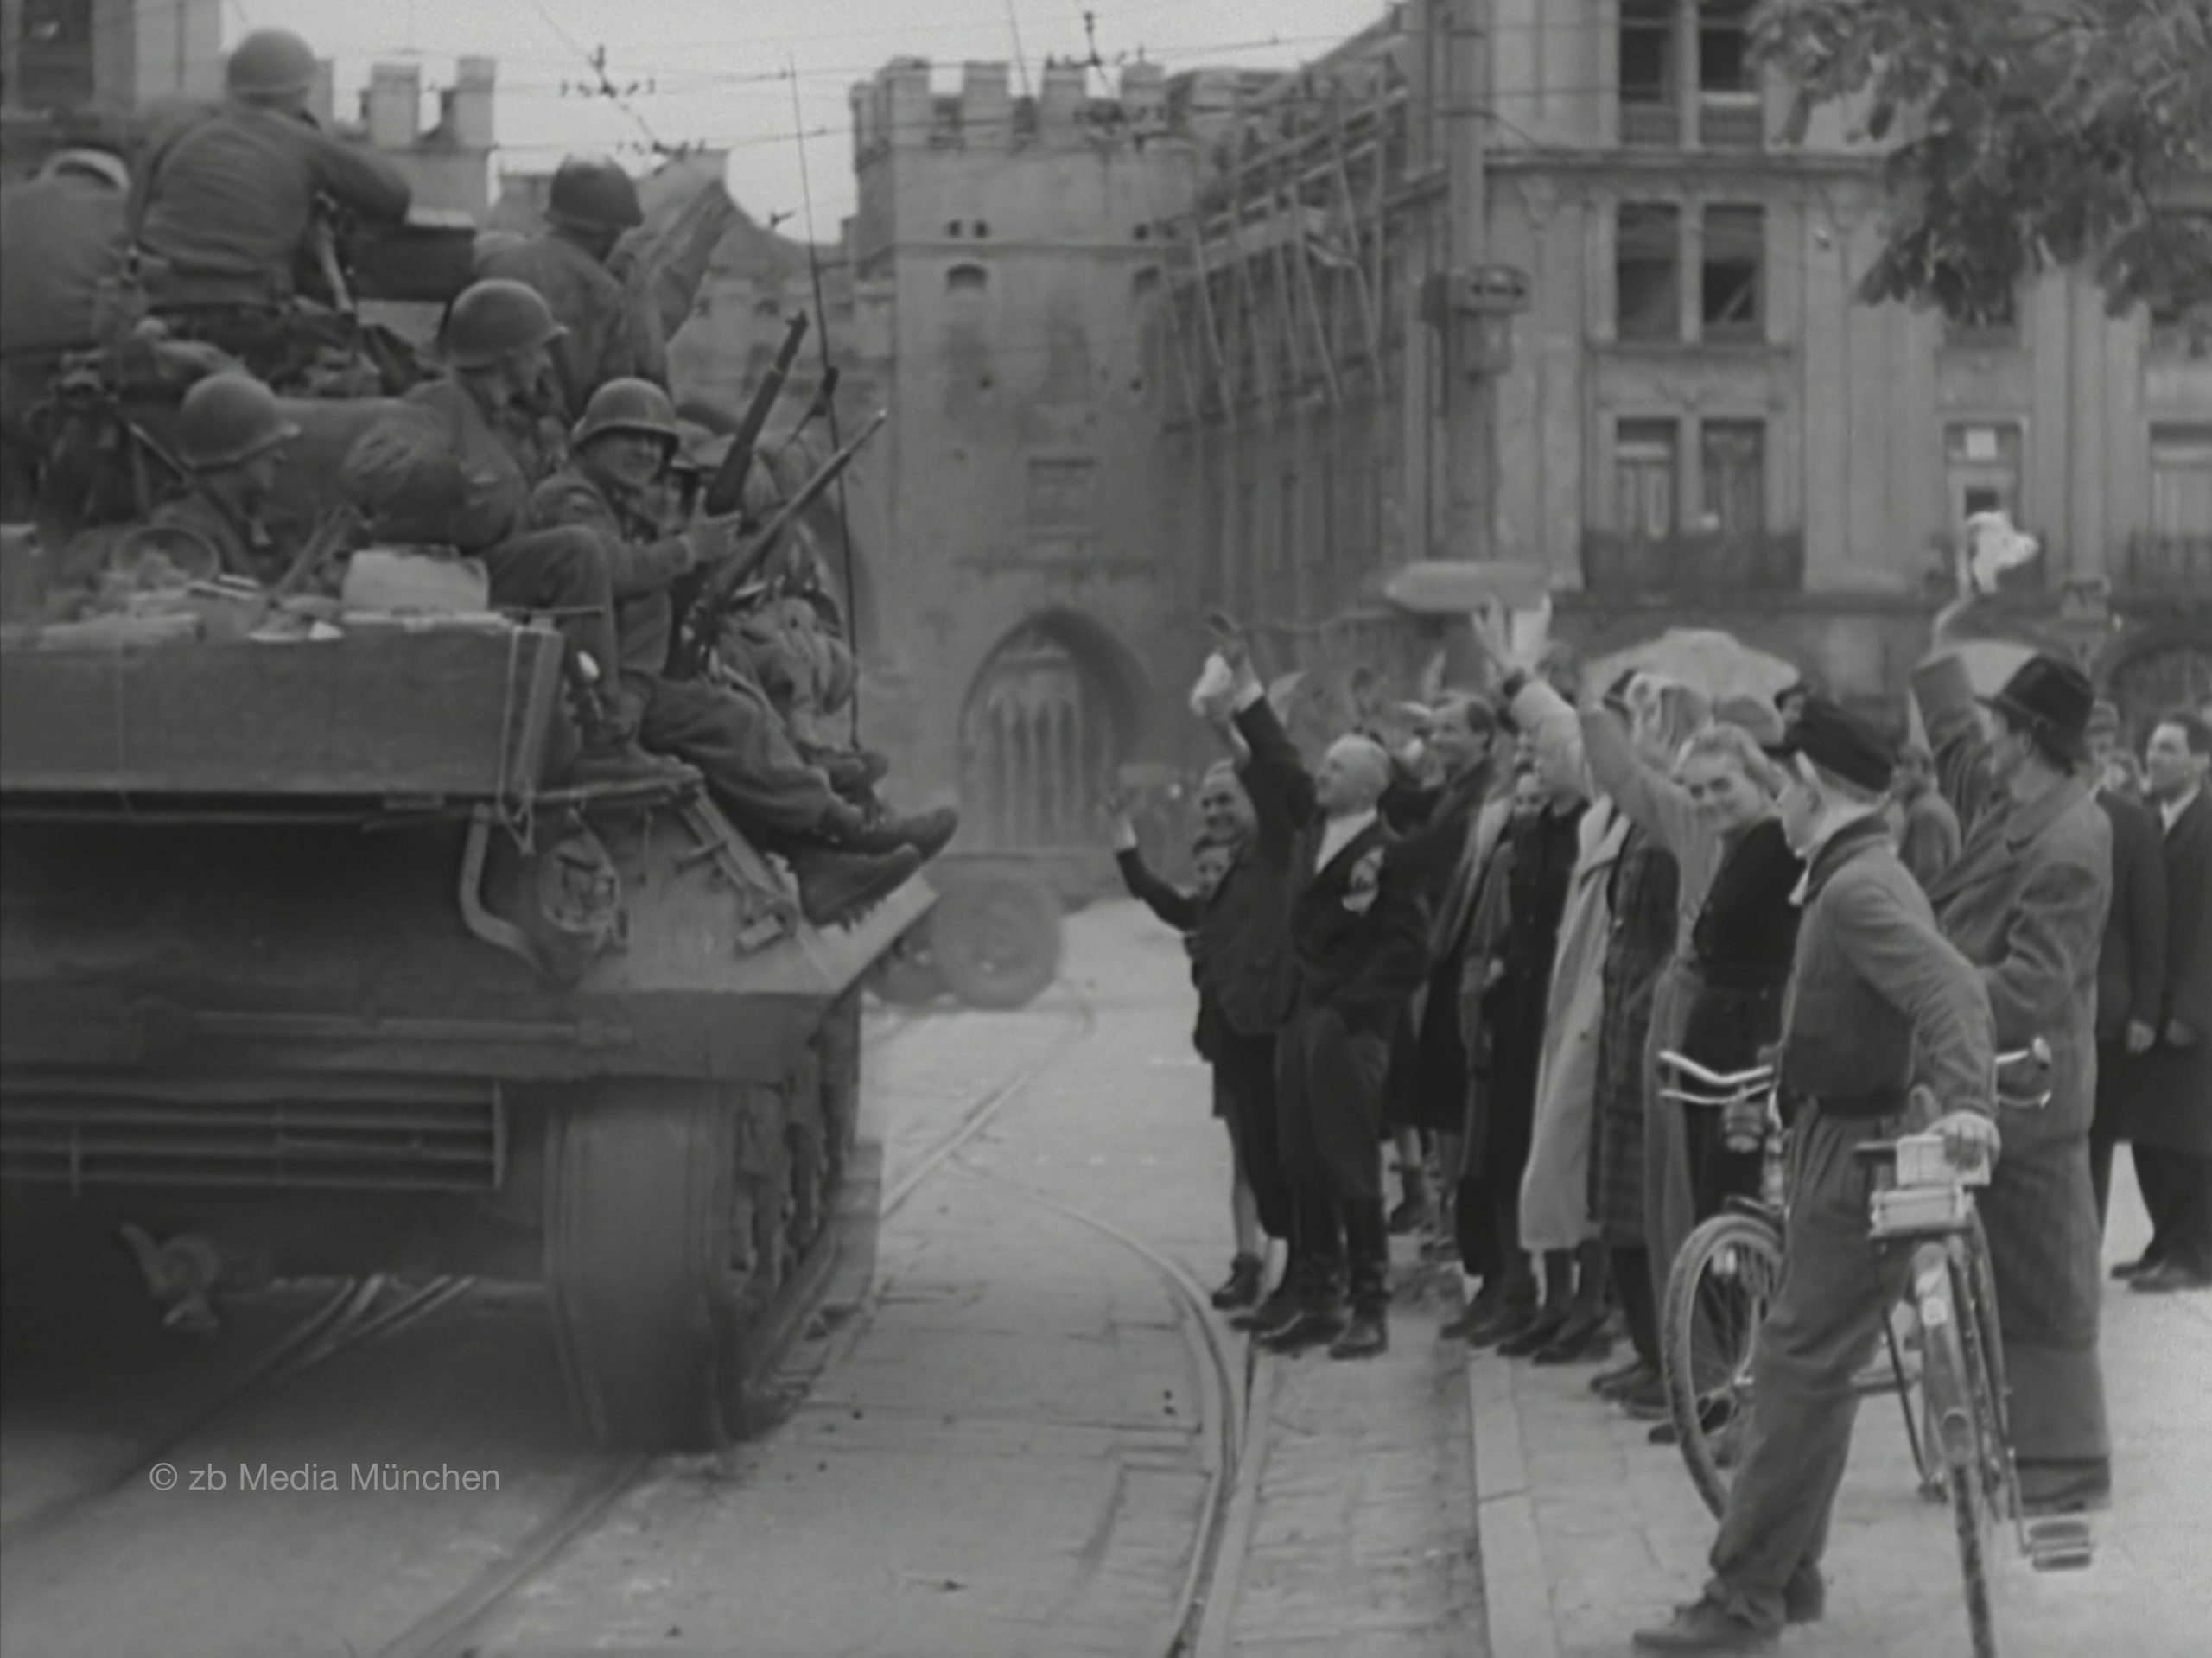 München Bürger 1945